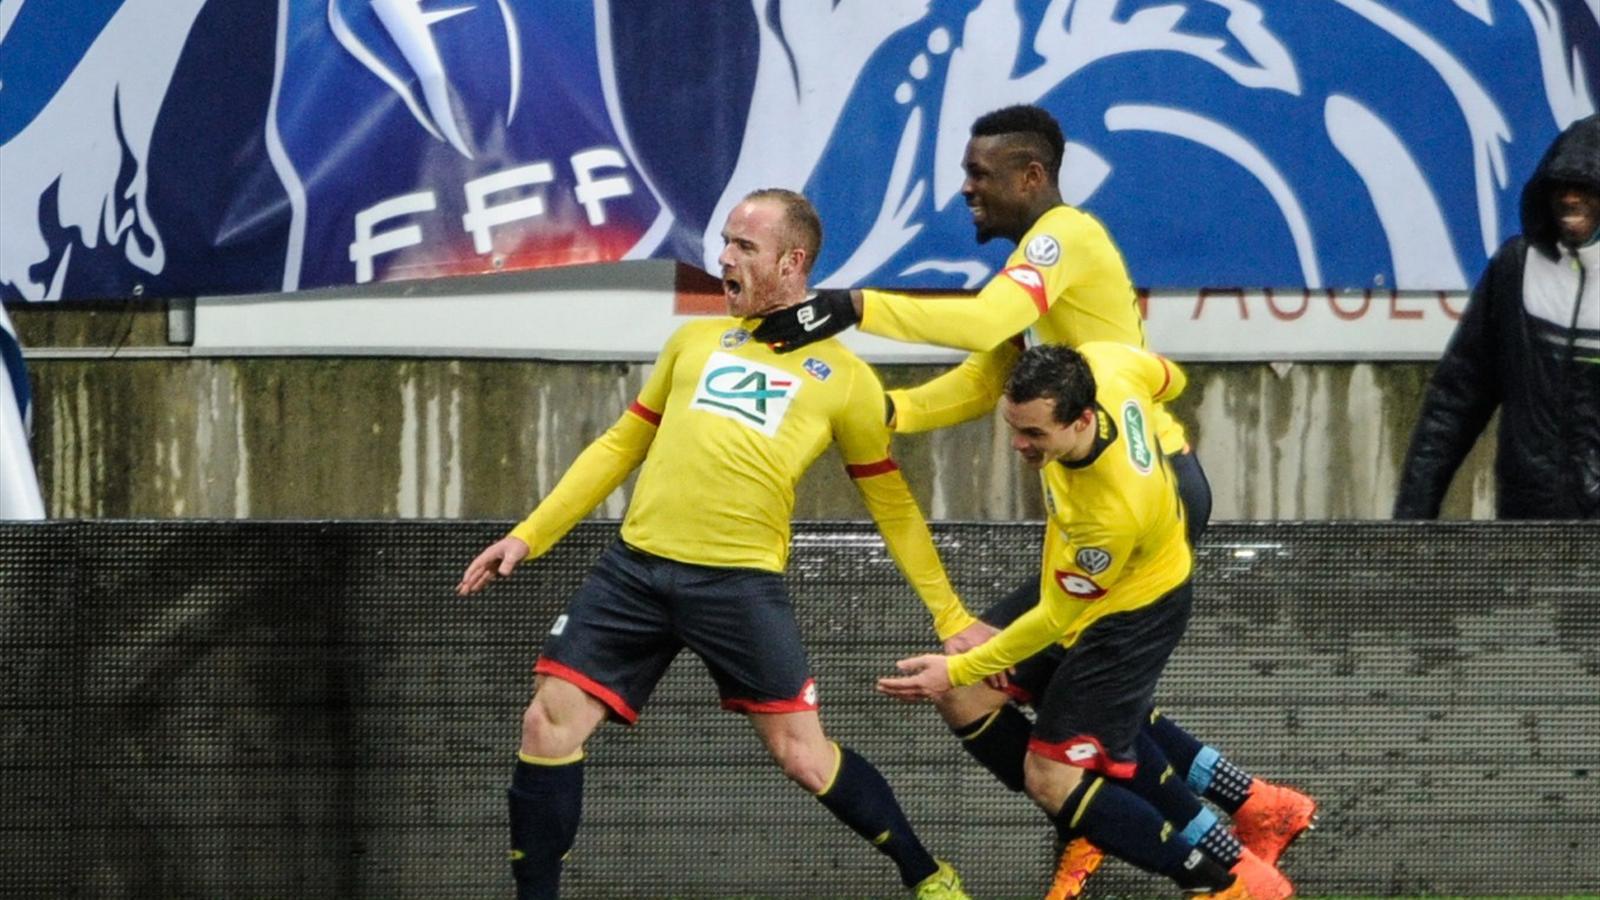 Video martin et sochaux avaient surpris monaco en - Resultats coupe de france football 2015 ...